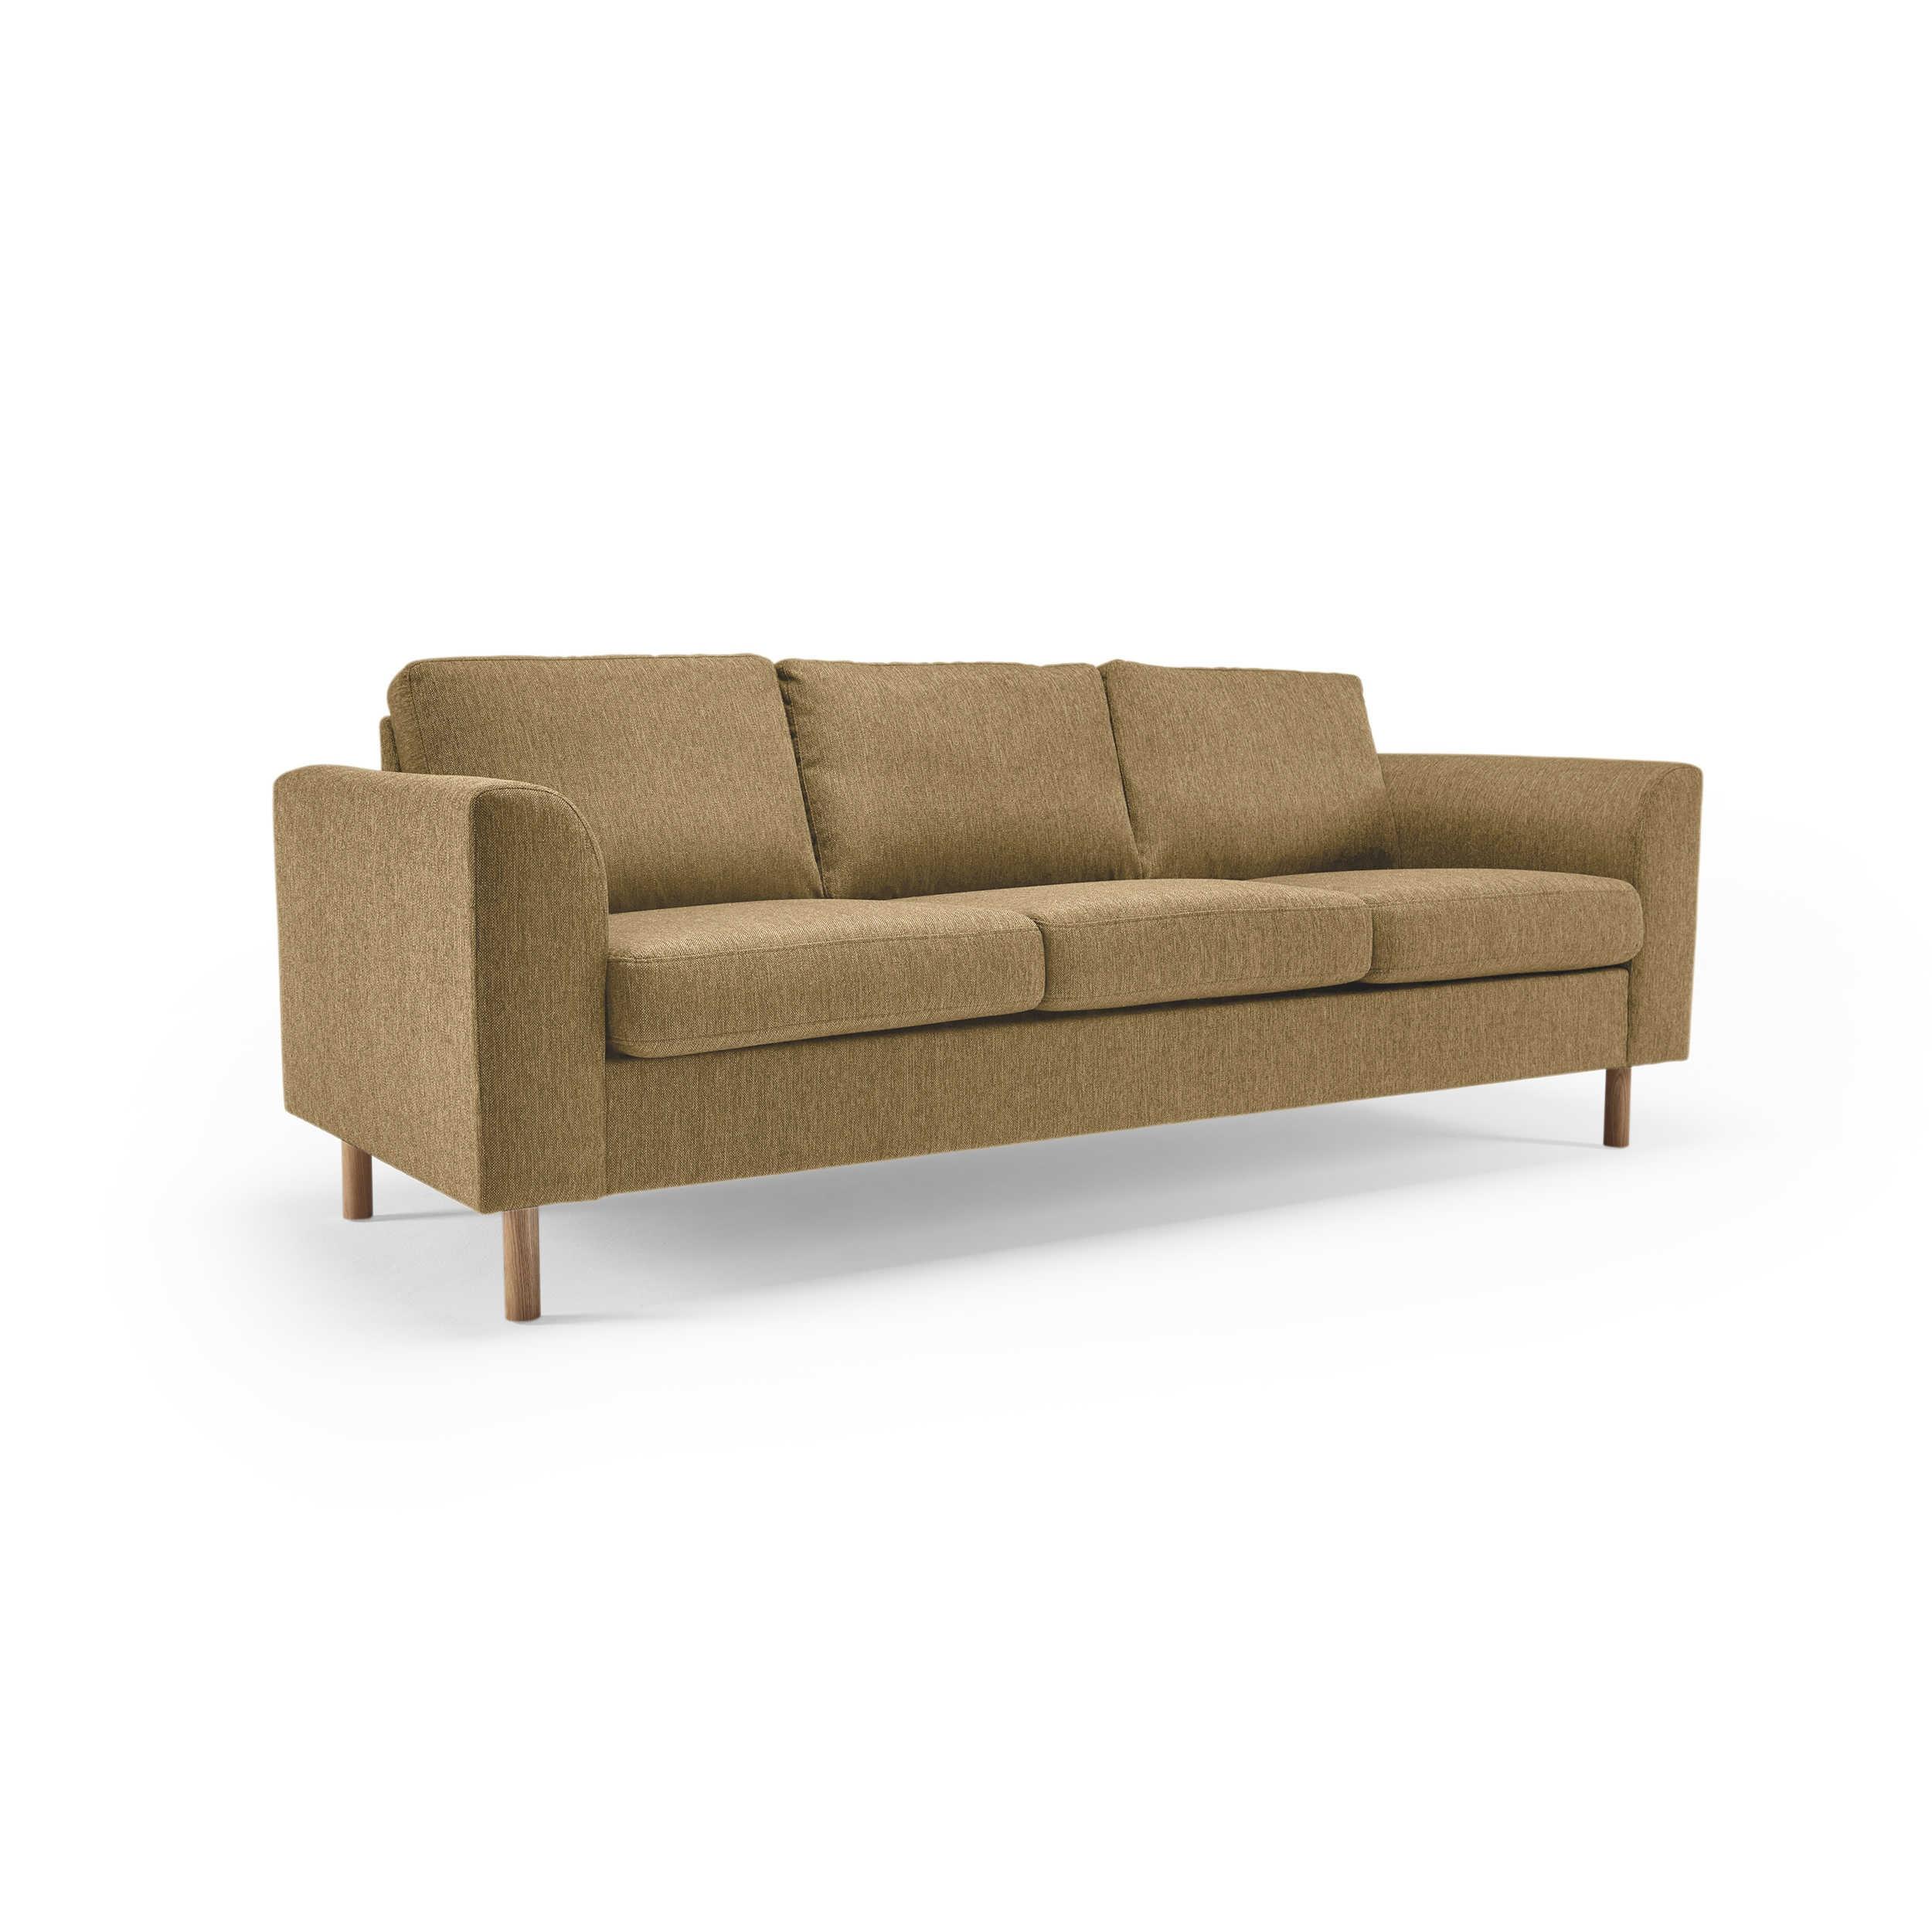 kragelund sofa k365 vida gelb stoff online kaufen bei woonio. Black Bedroom Furniture Sets. Home Design Ideas